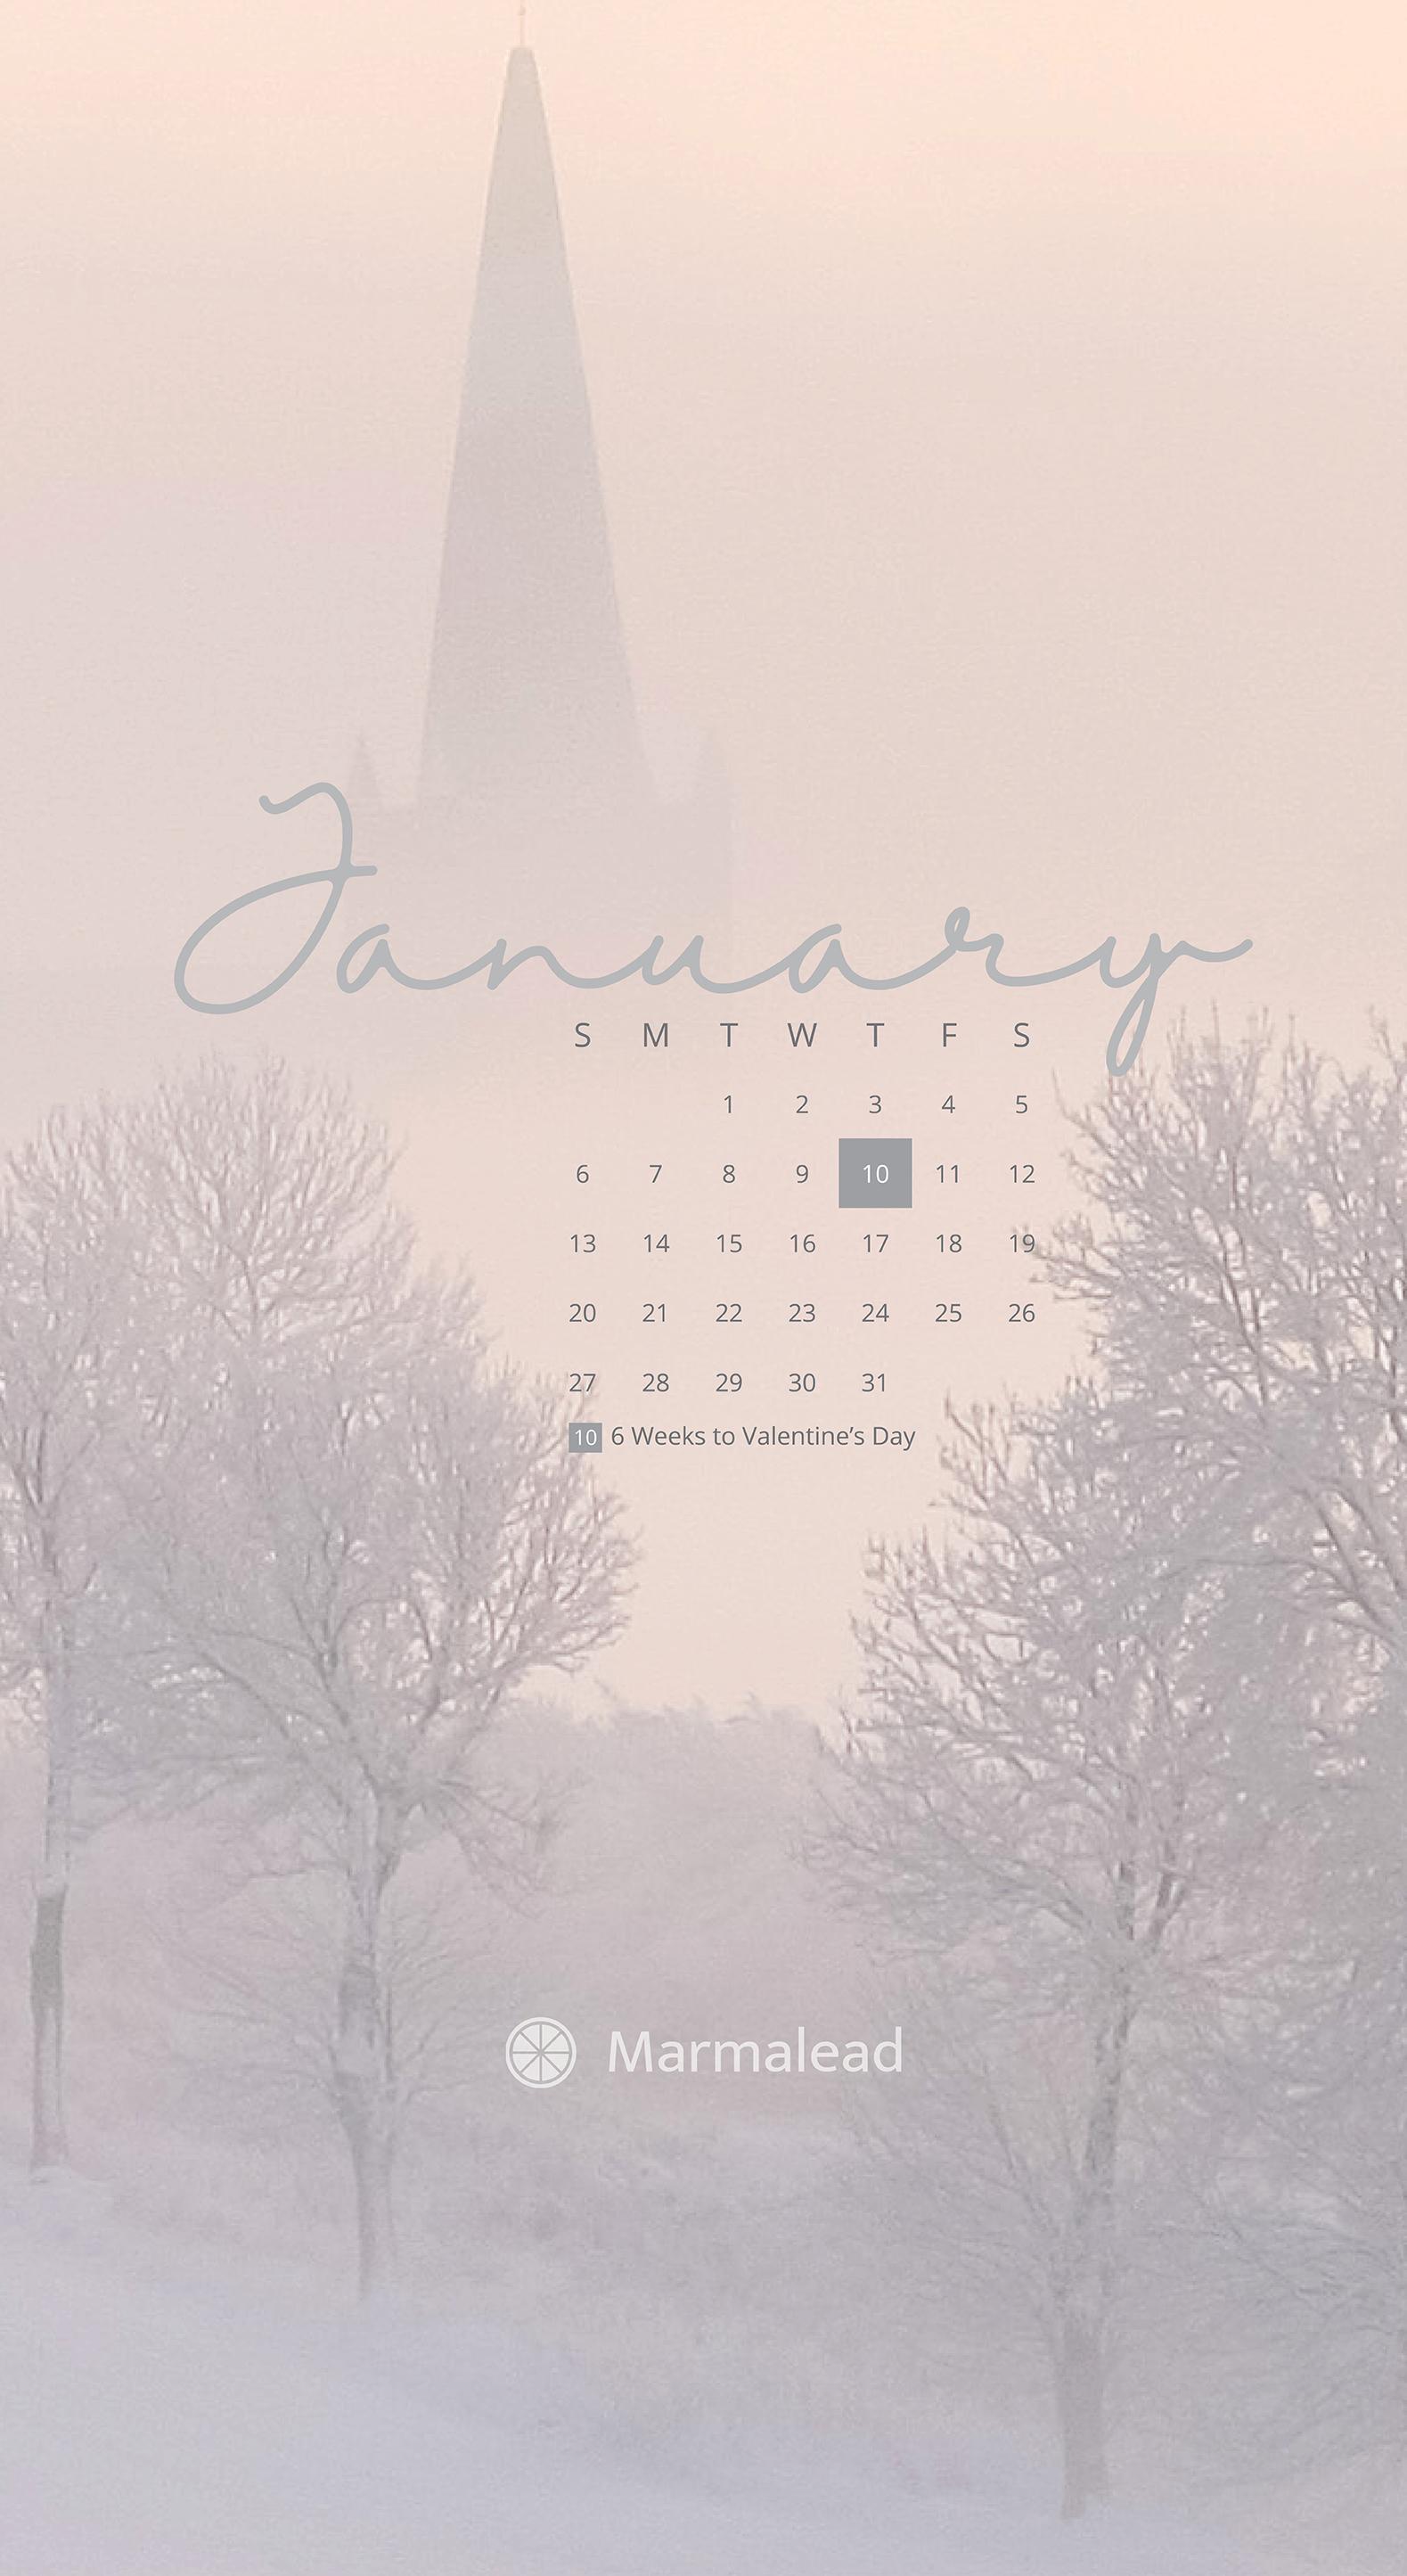 January 2019 Free Desktop Calendar Wallpaper From Marmalead